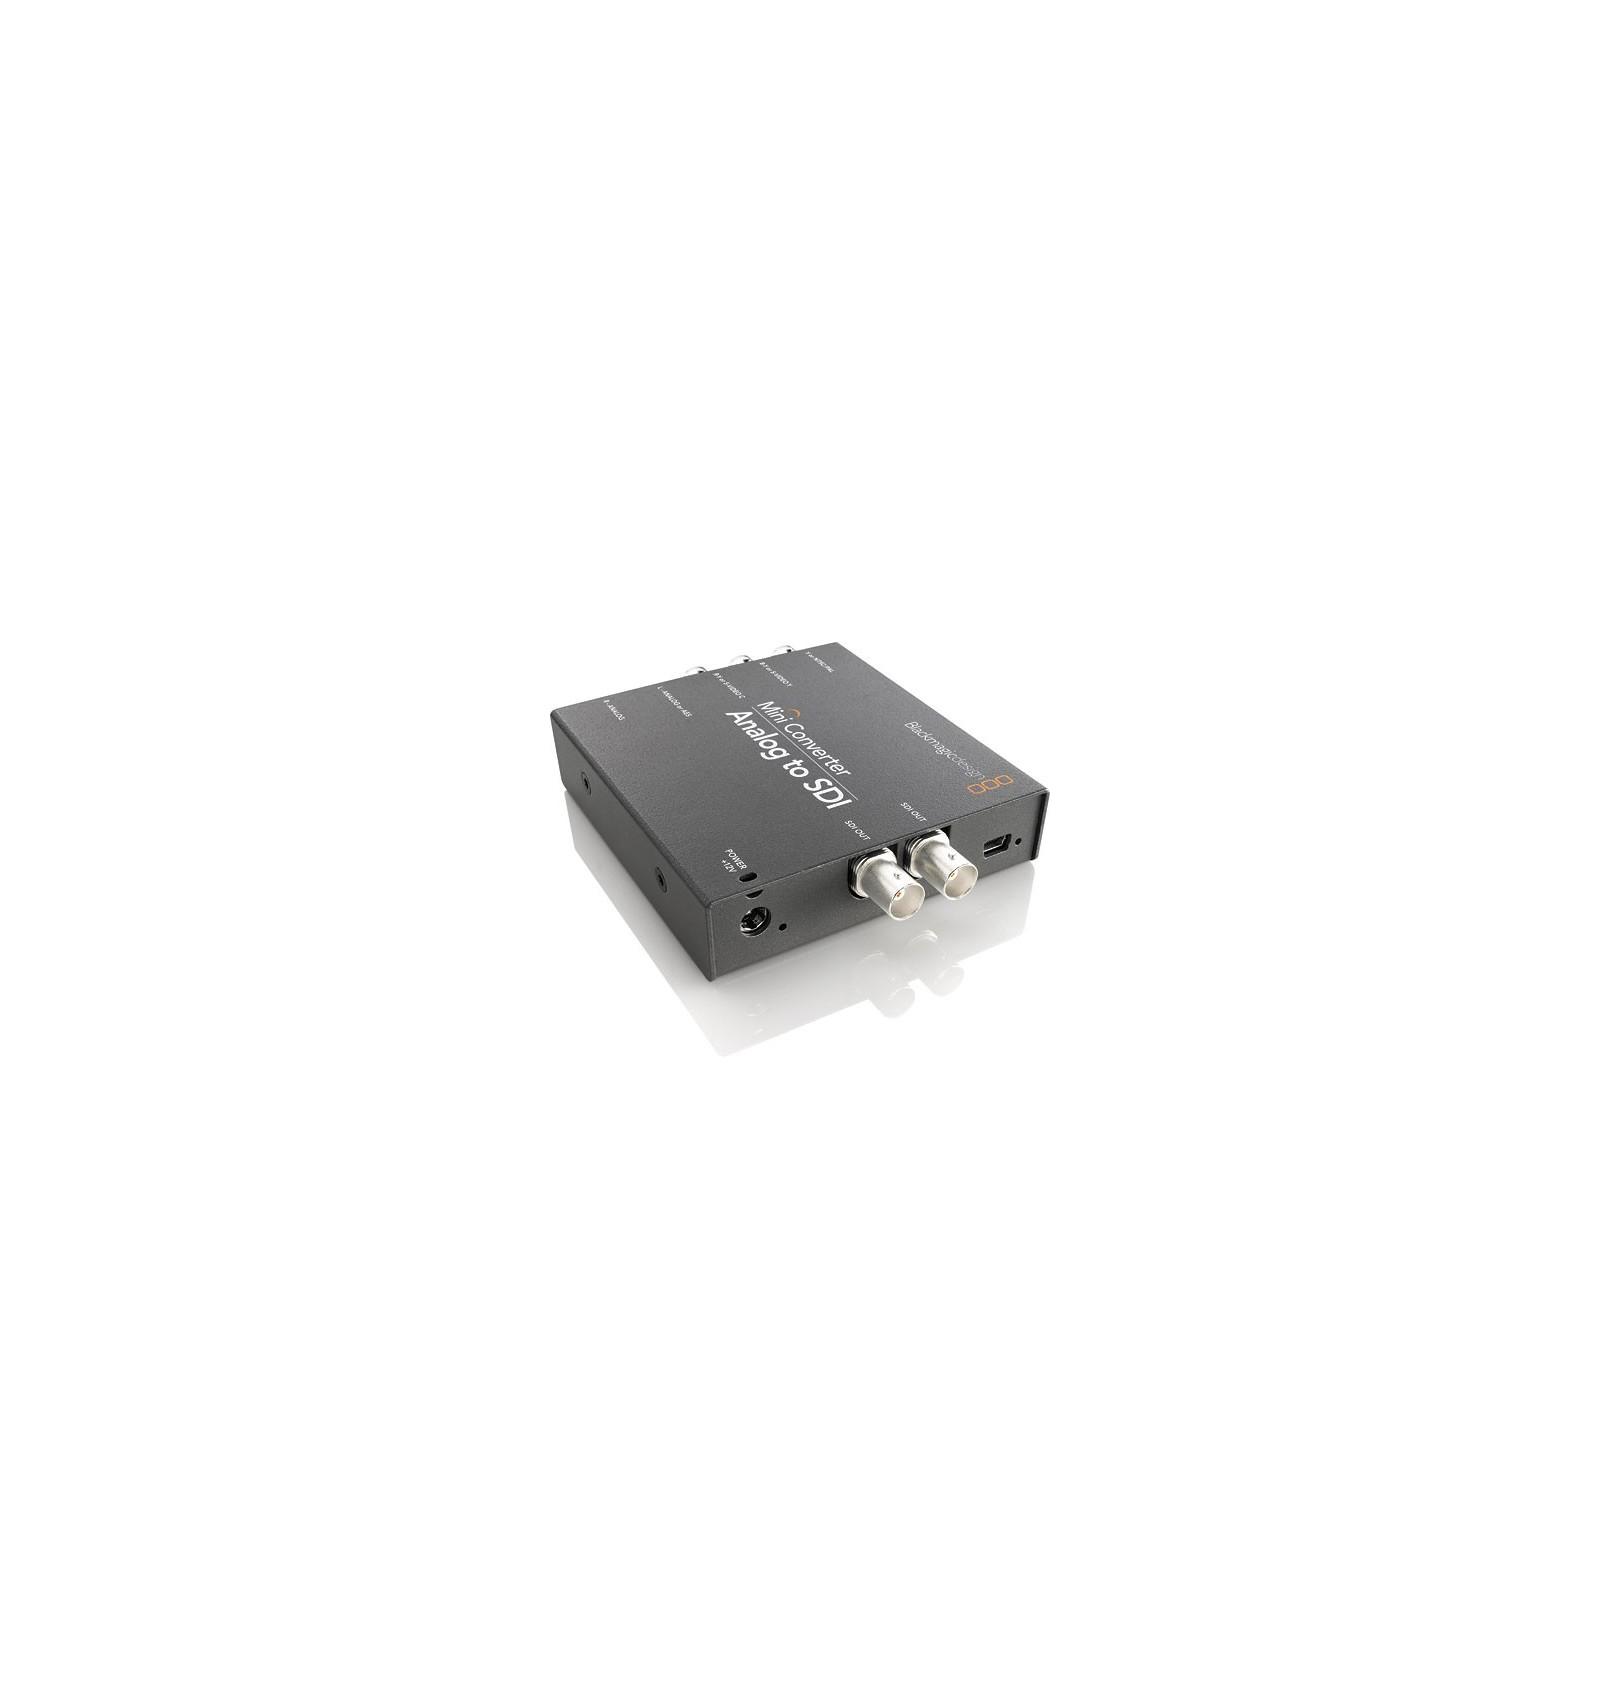 Blackmagic analog To sdi mini Converter Manual